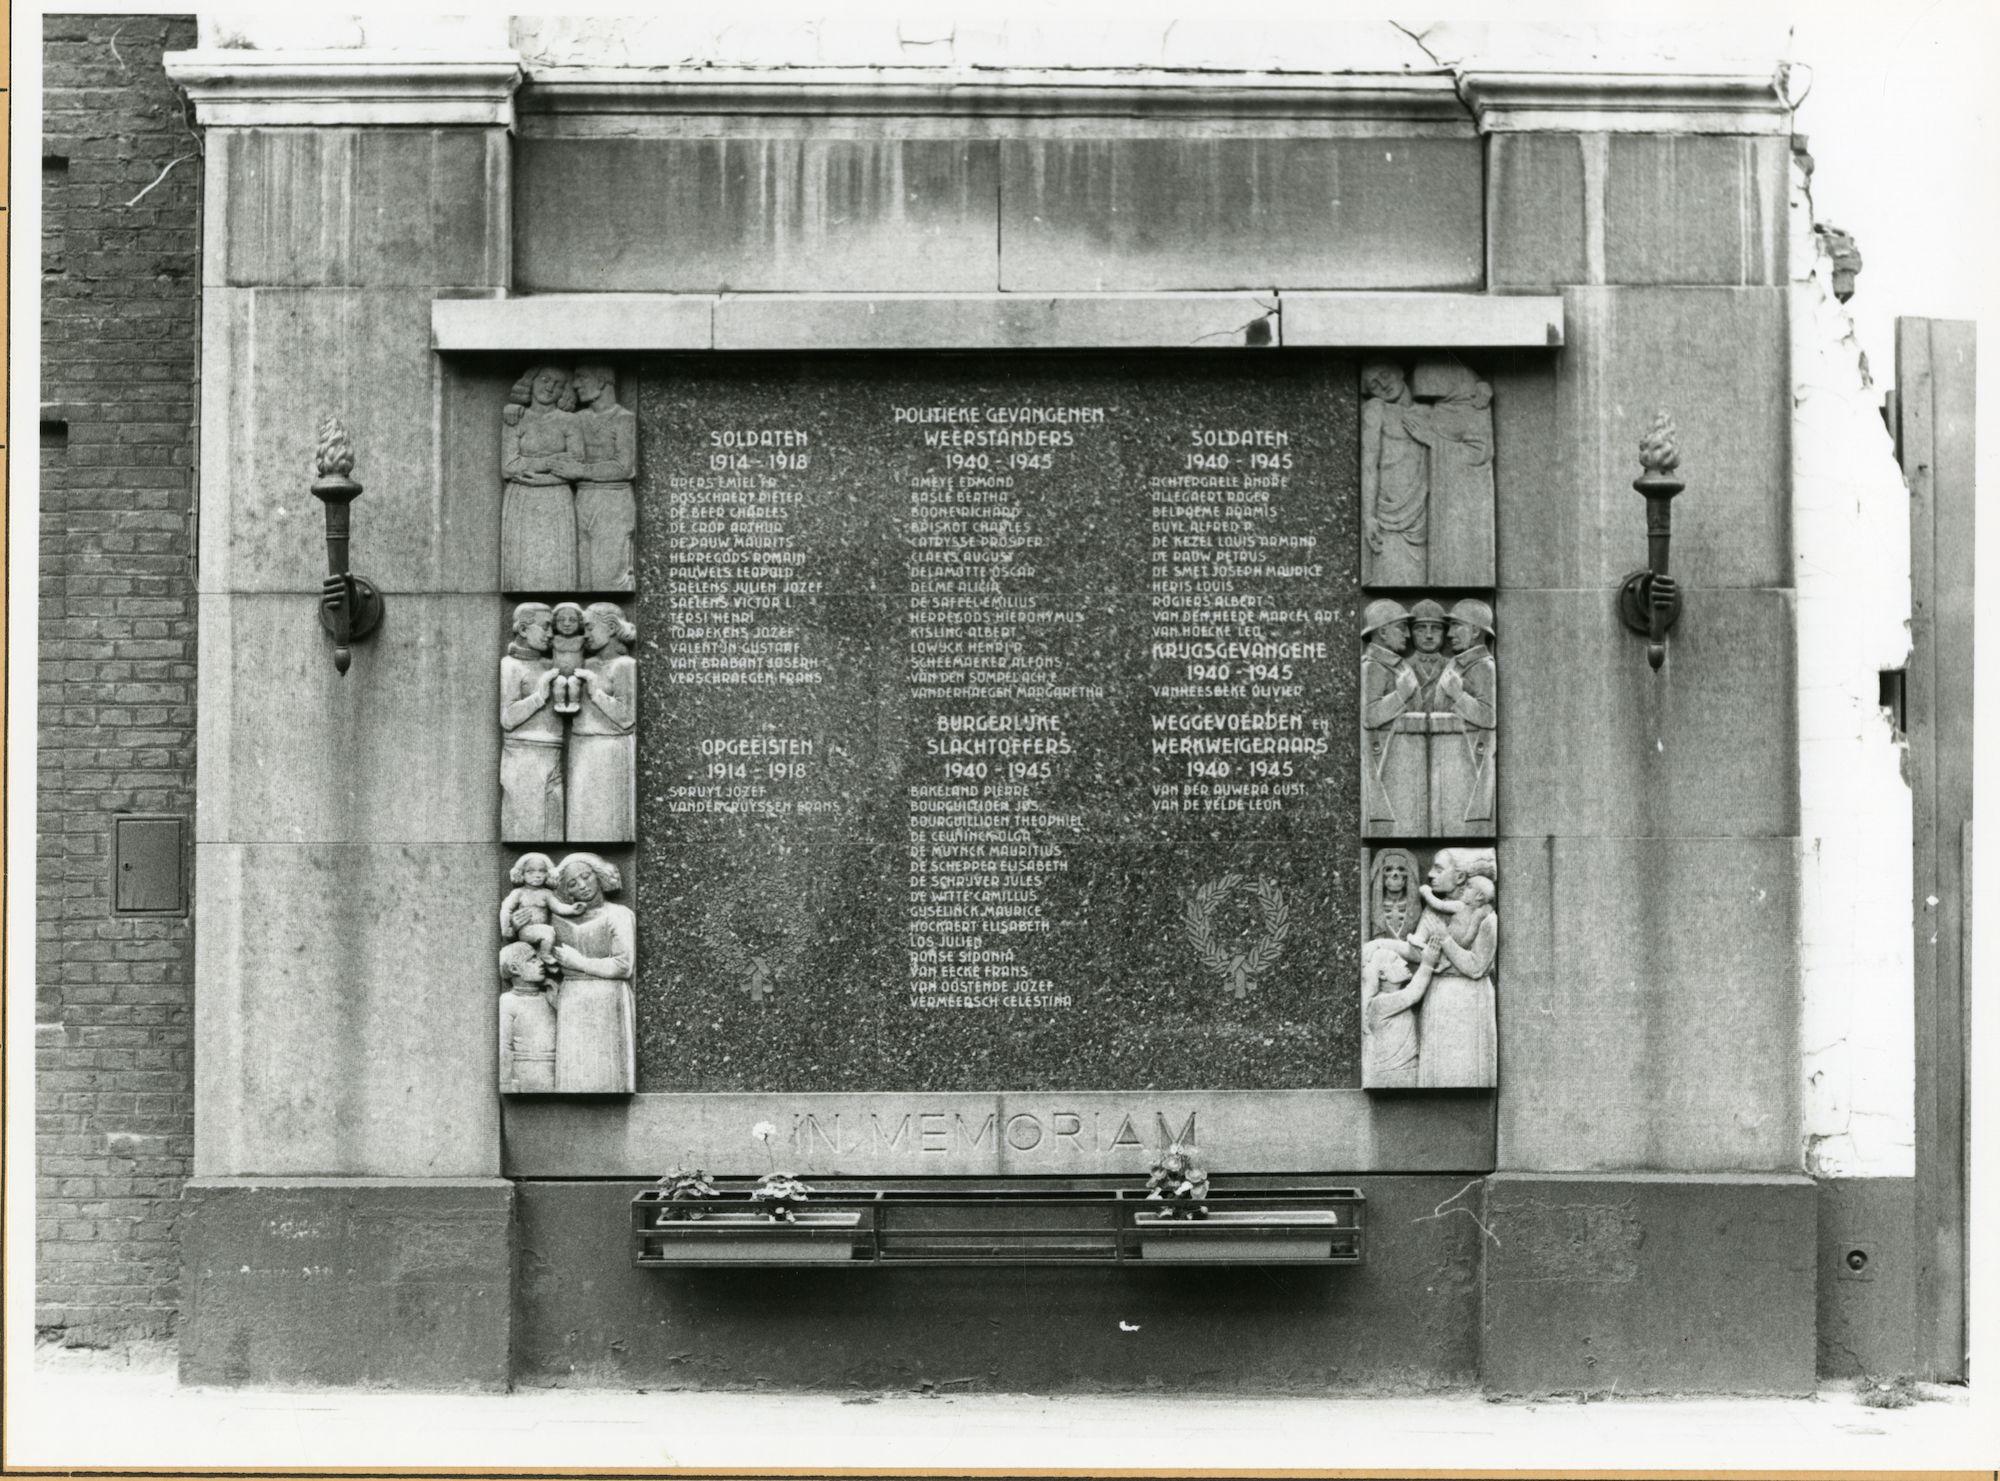 Gent: Dendermondsesteenweg over 191: gedenkplaat: Wereldoorlog I en II, 1979